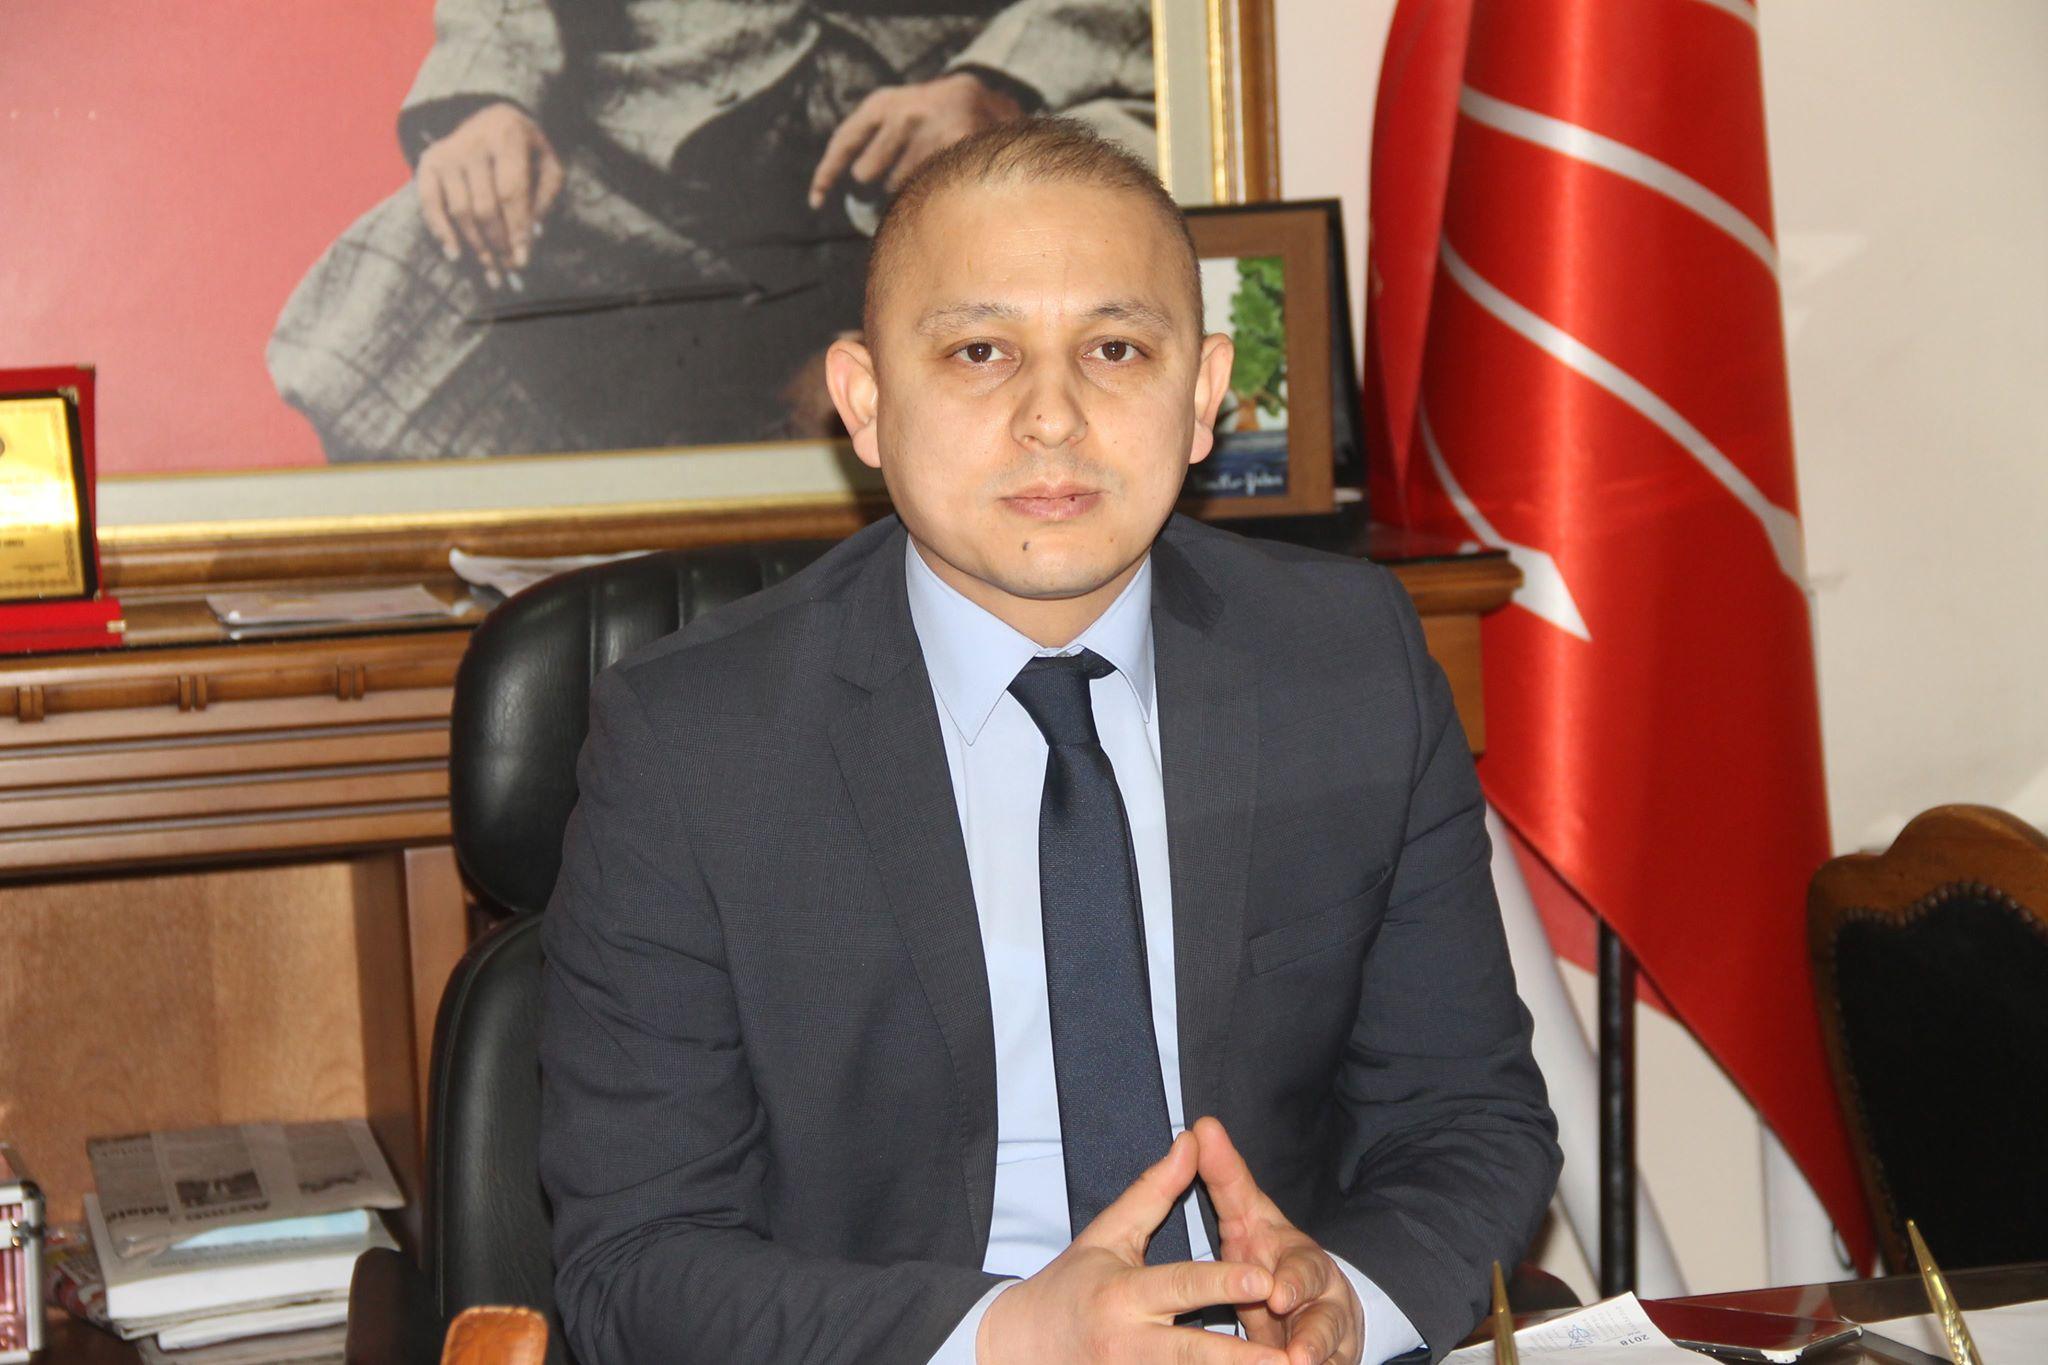 Kırıkkale'nin yıllardır müzmin sorunu haline gelen şebeke suyu yine gündeme geldi. Konuyu meclise taşıyan ise CHP Kırıkkale Milletvekili Ahmet Önal oldu.